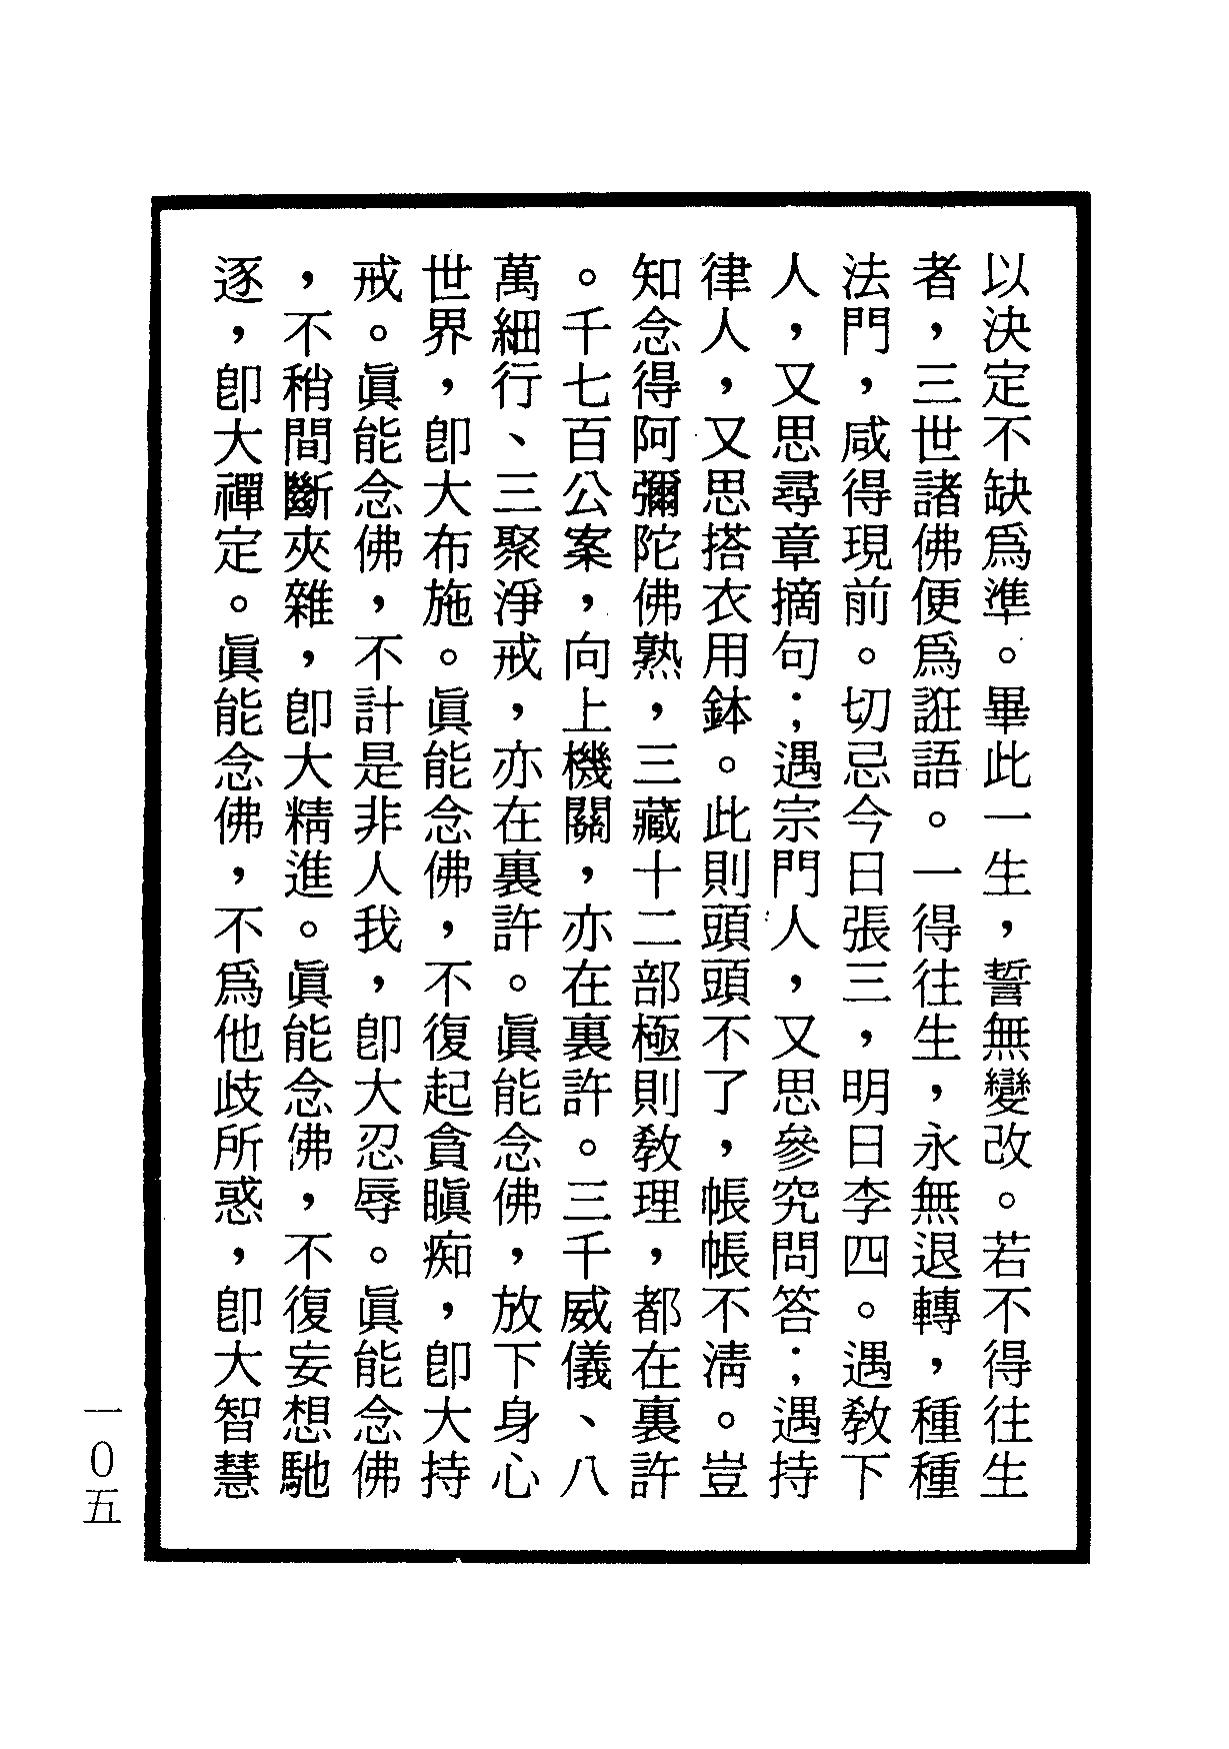 楞嚴咒-大悲咒-十小咒-易背本 111.png